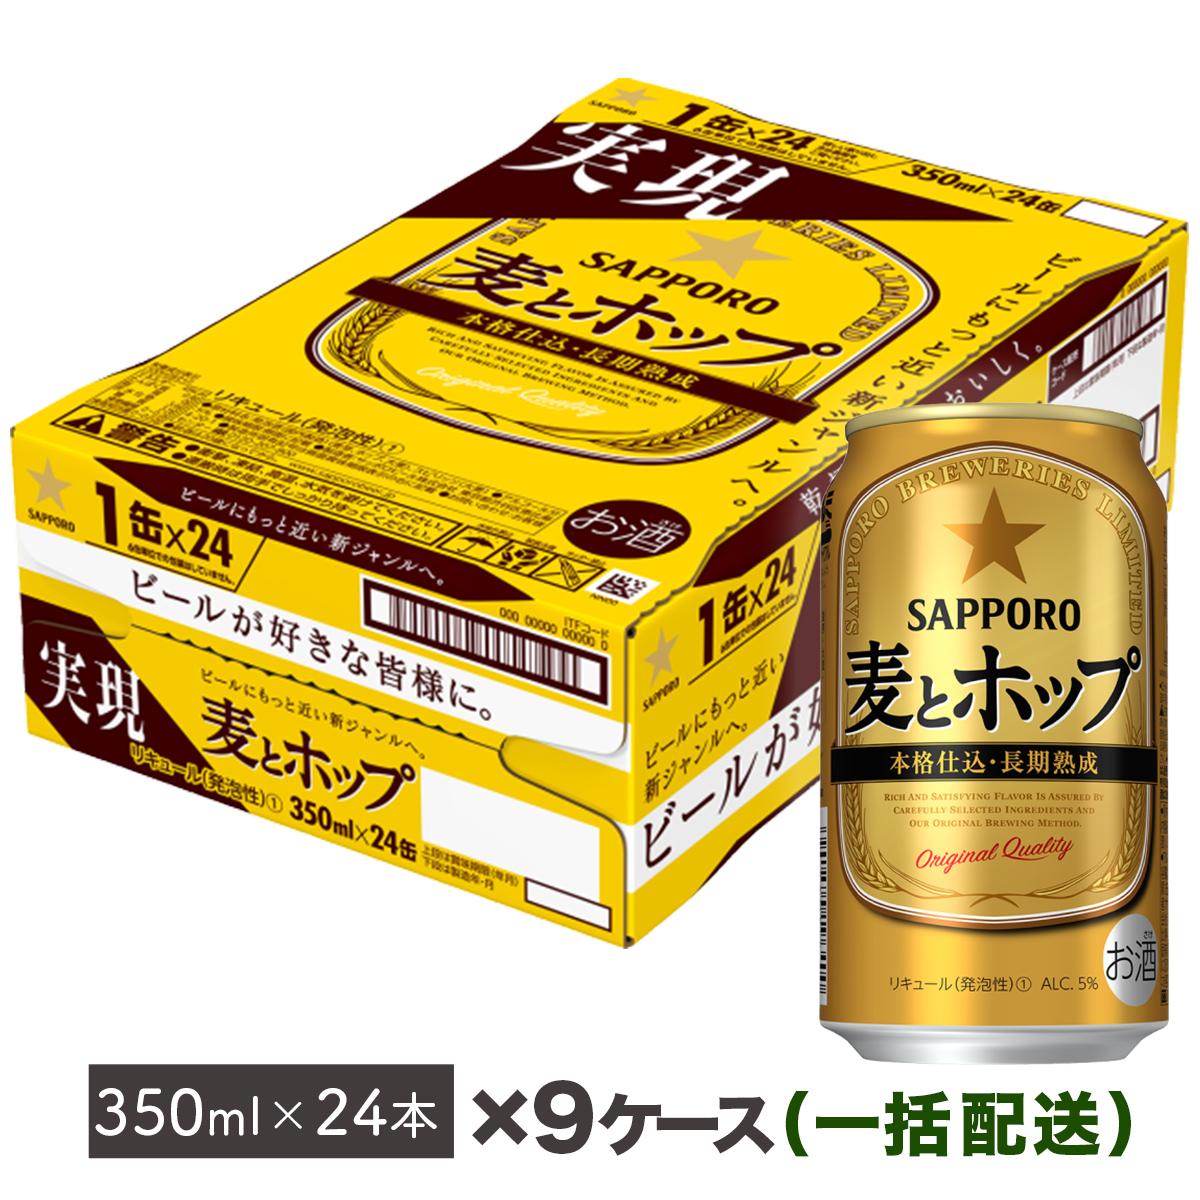 【ふるさと納税】地元名取生産 麦とホップ 350ml 24本 9箱お届け(同時お届け)